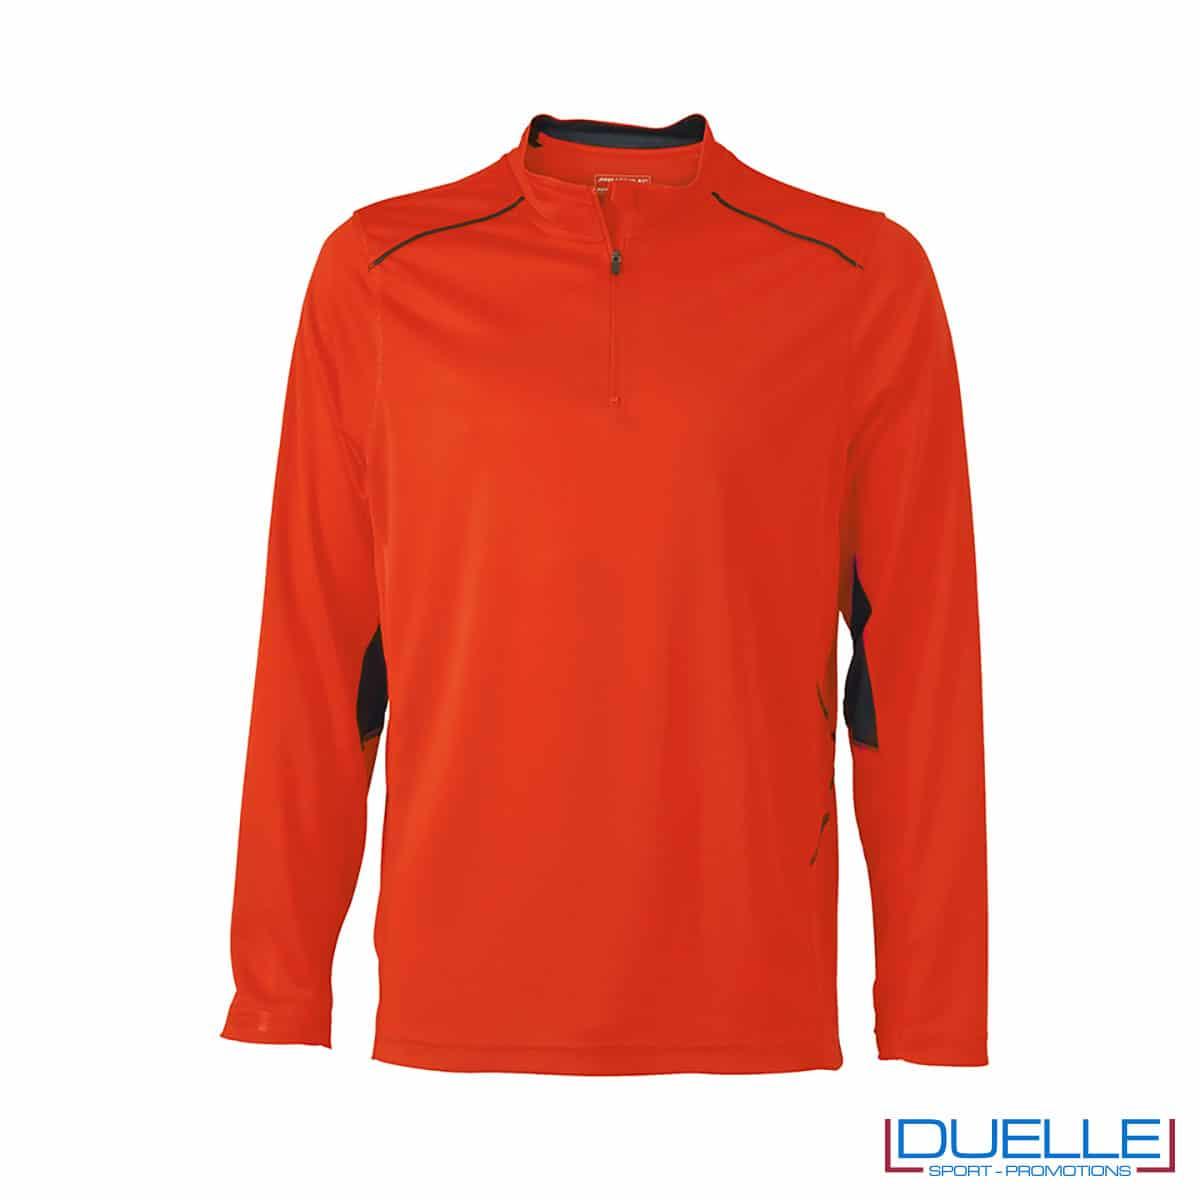 Maglia running con zip uomo colore arancione personalizzata